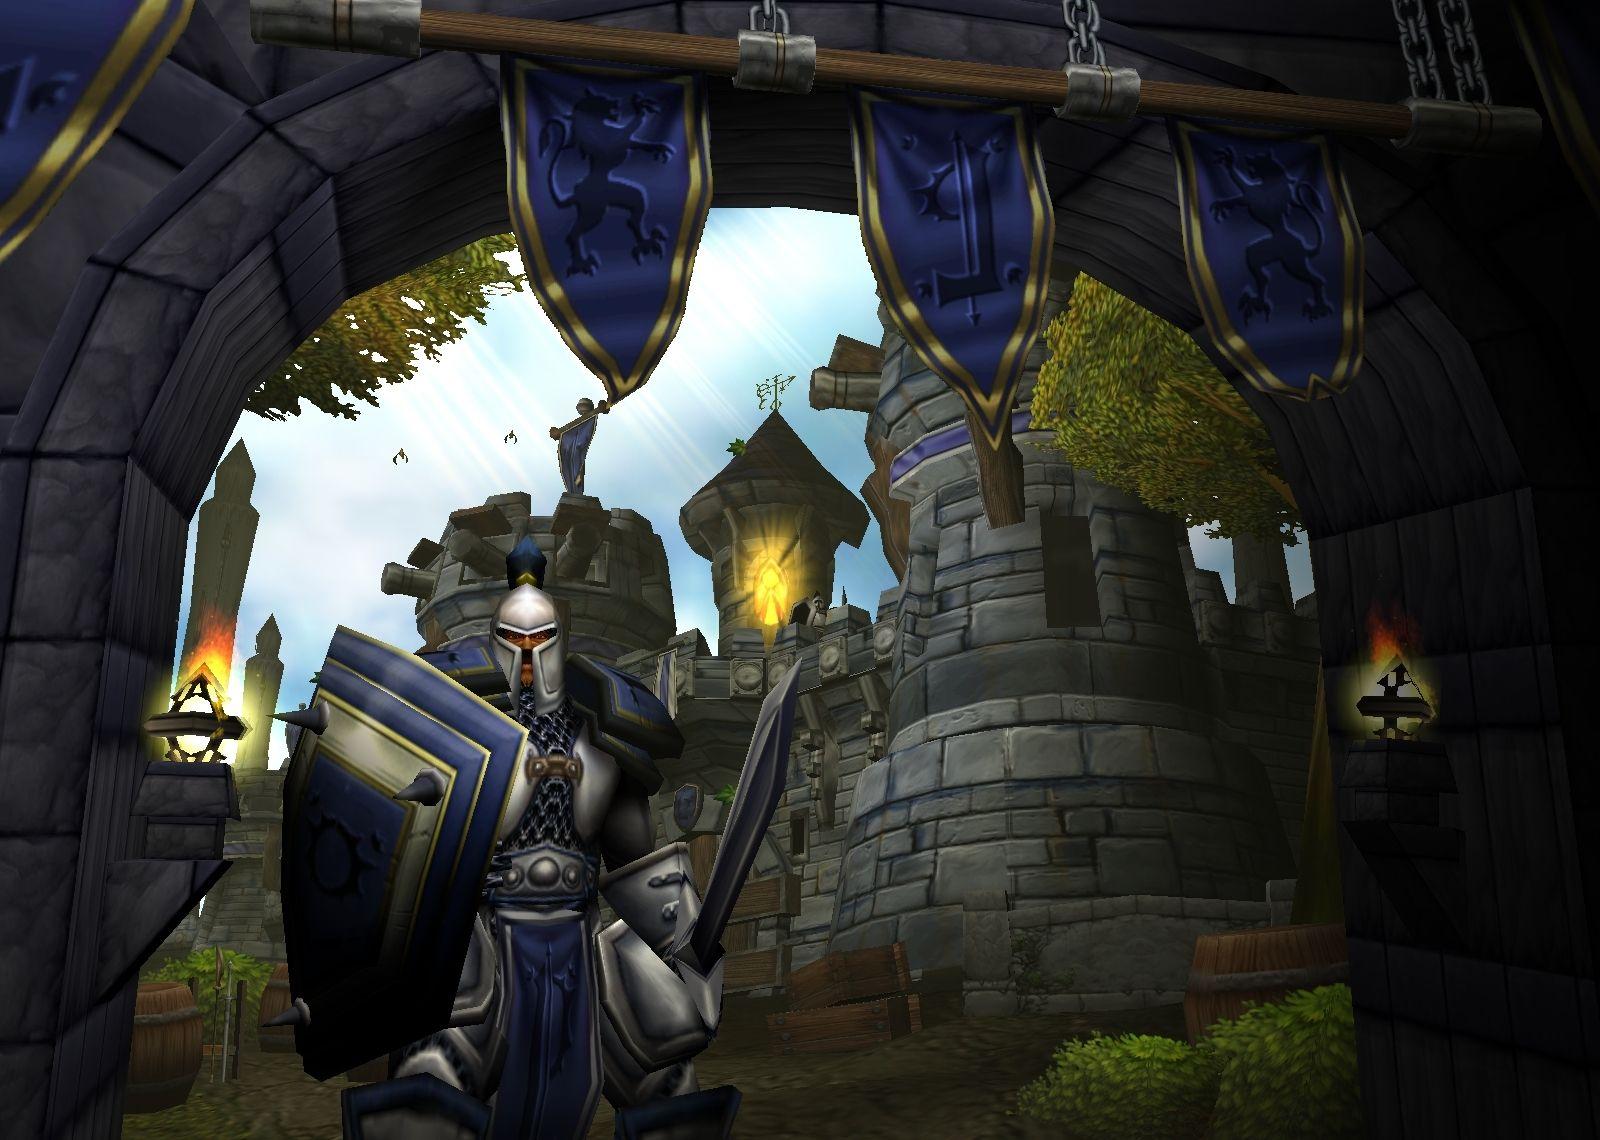 《魔兽争霸3:重制版》更新 加入战役载入界面